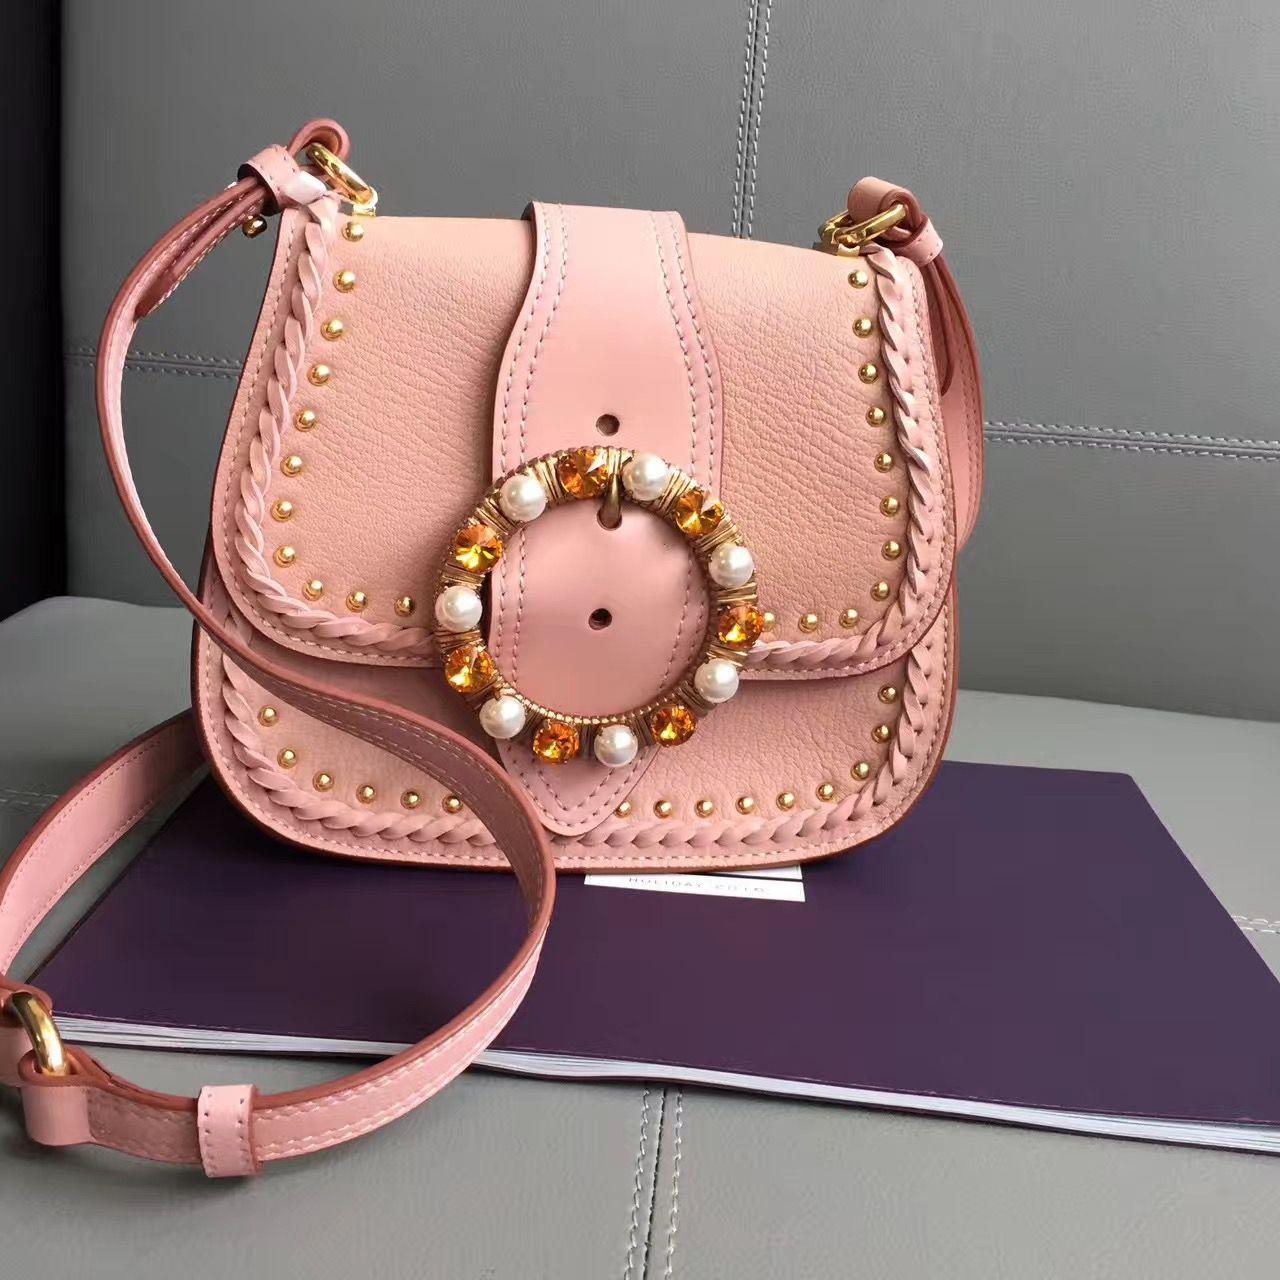 1fd1b907c84e Miu Miu Monk Shoulder Bag 100% Authentic 80% Off